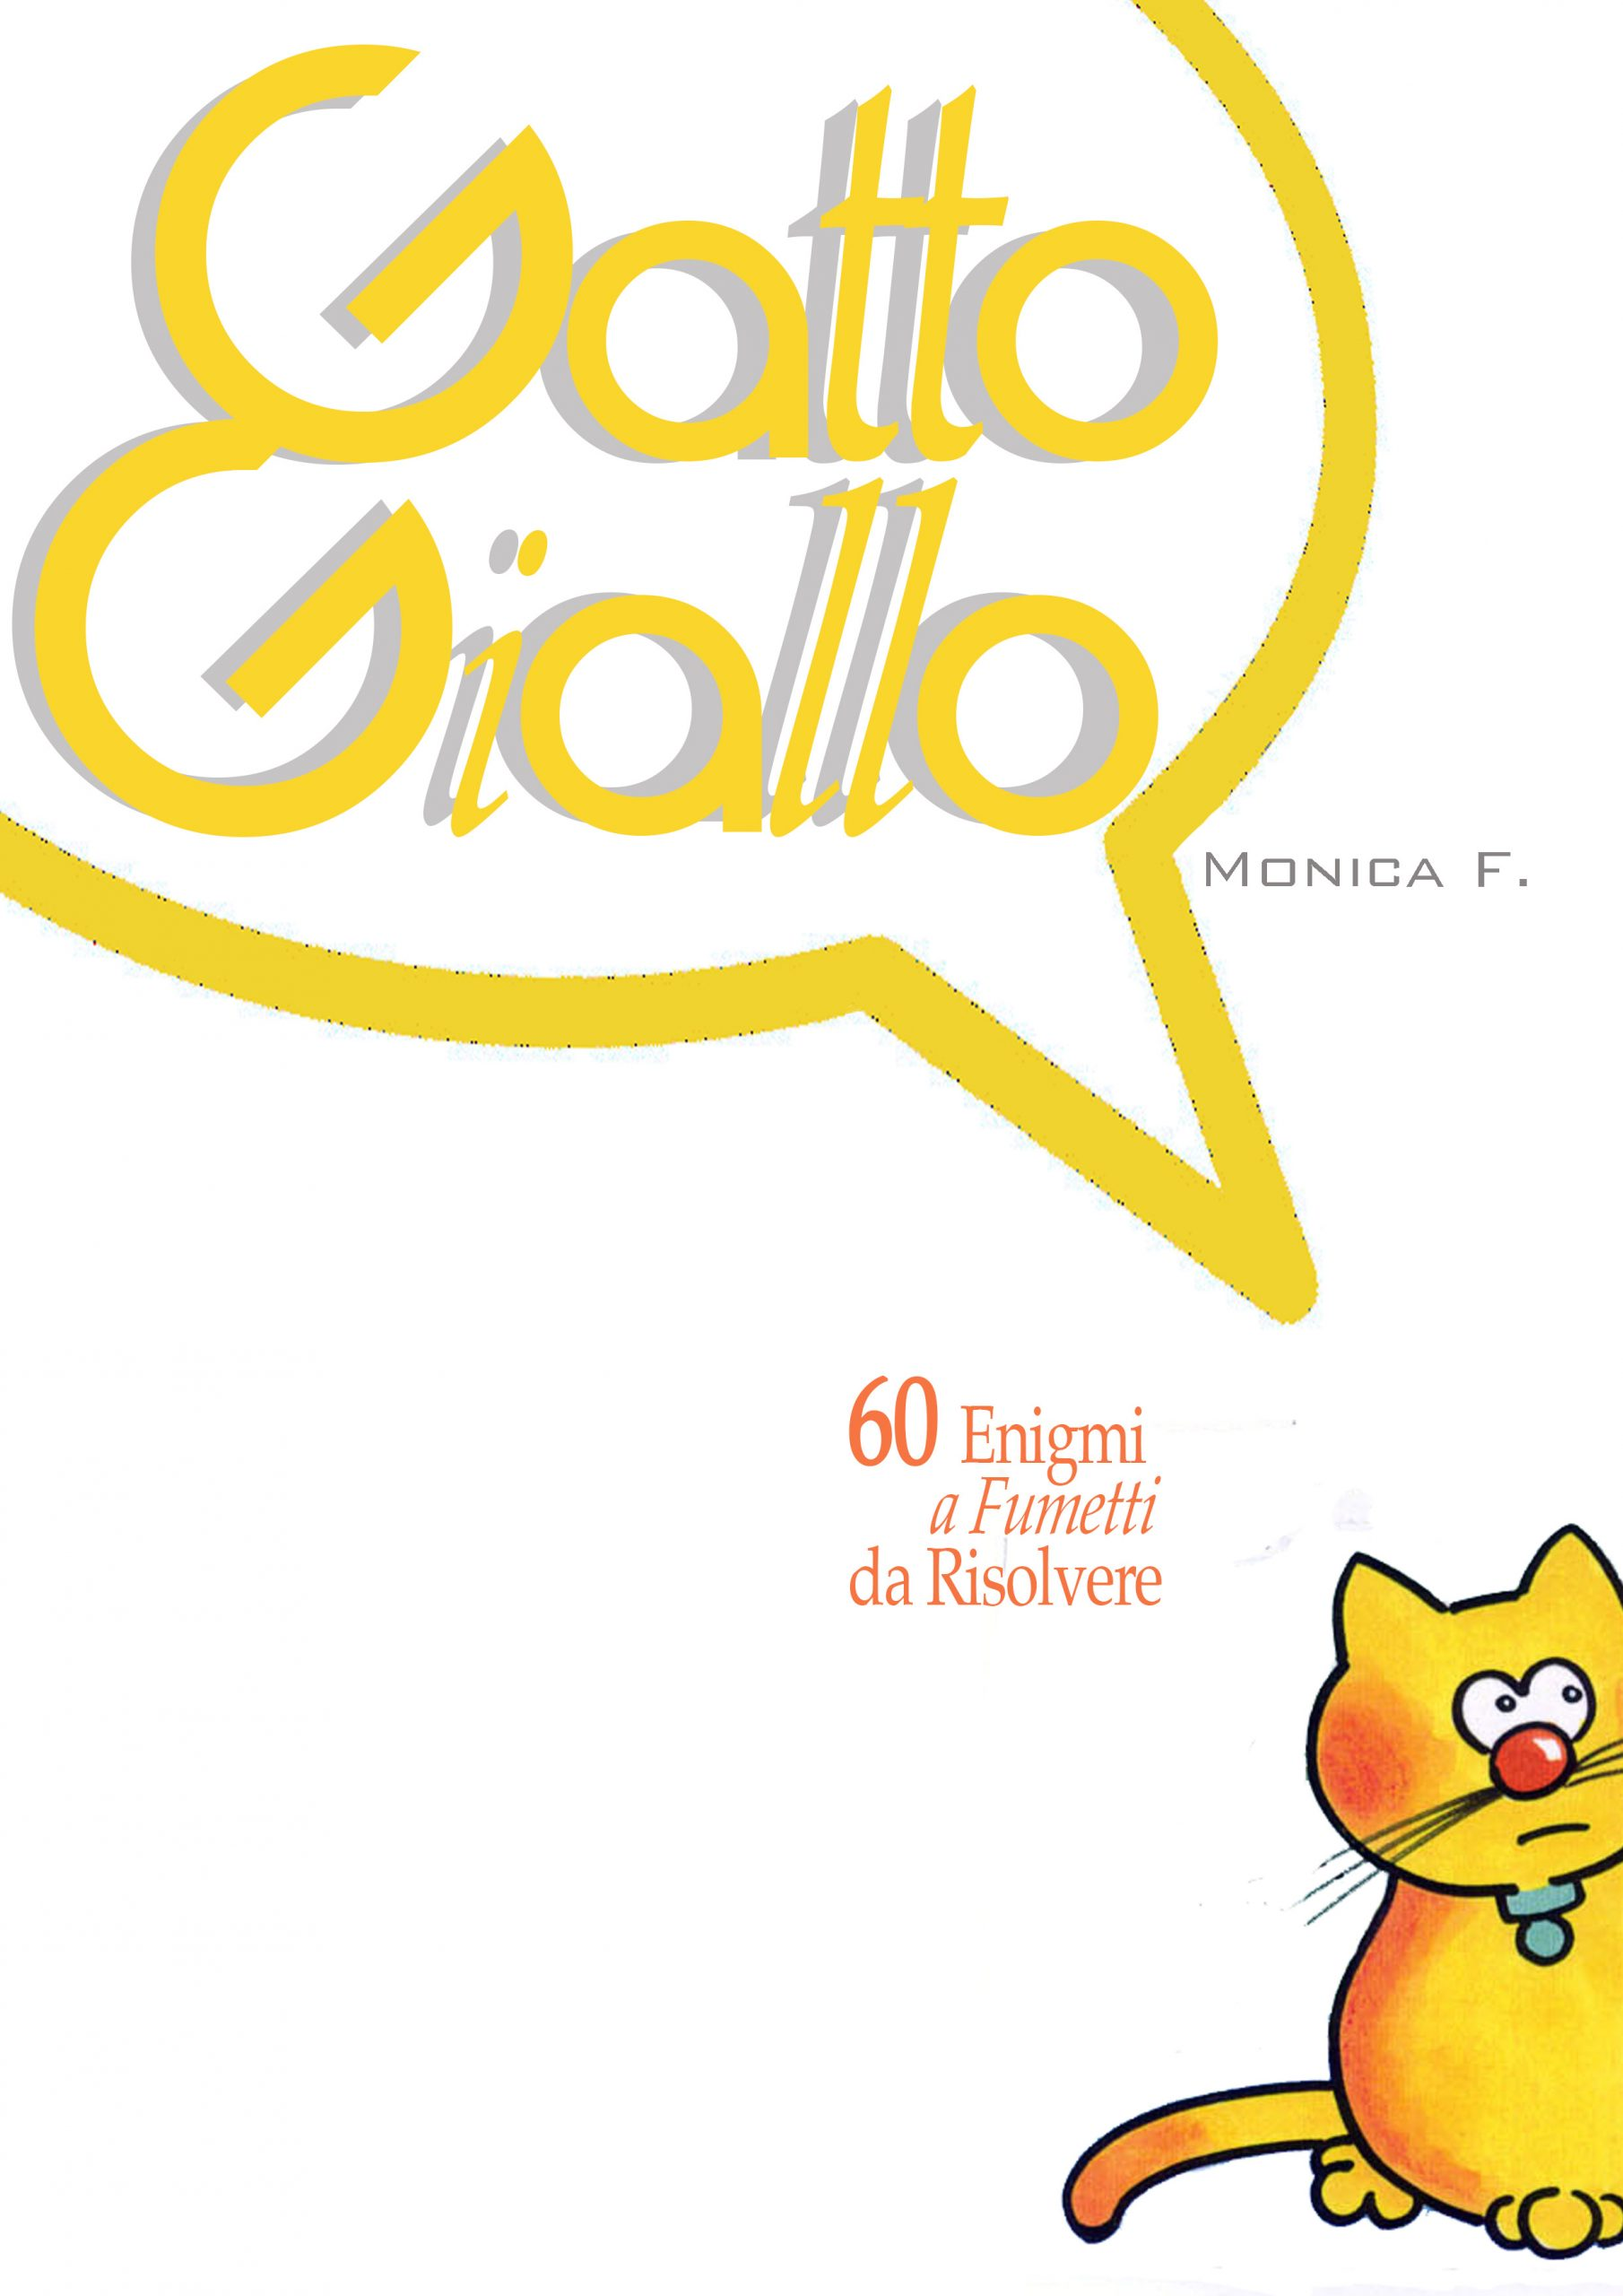 Gatto Giallo back to the future?